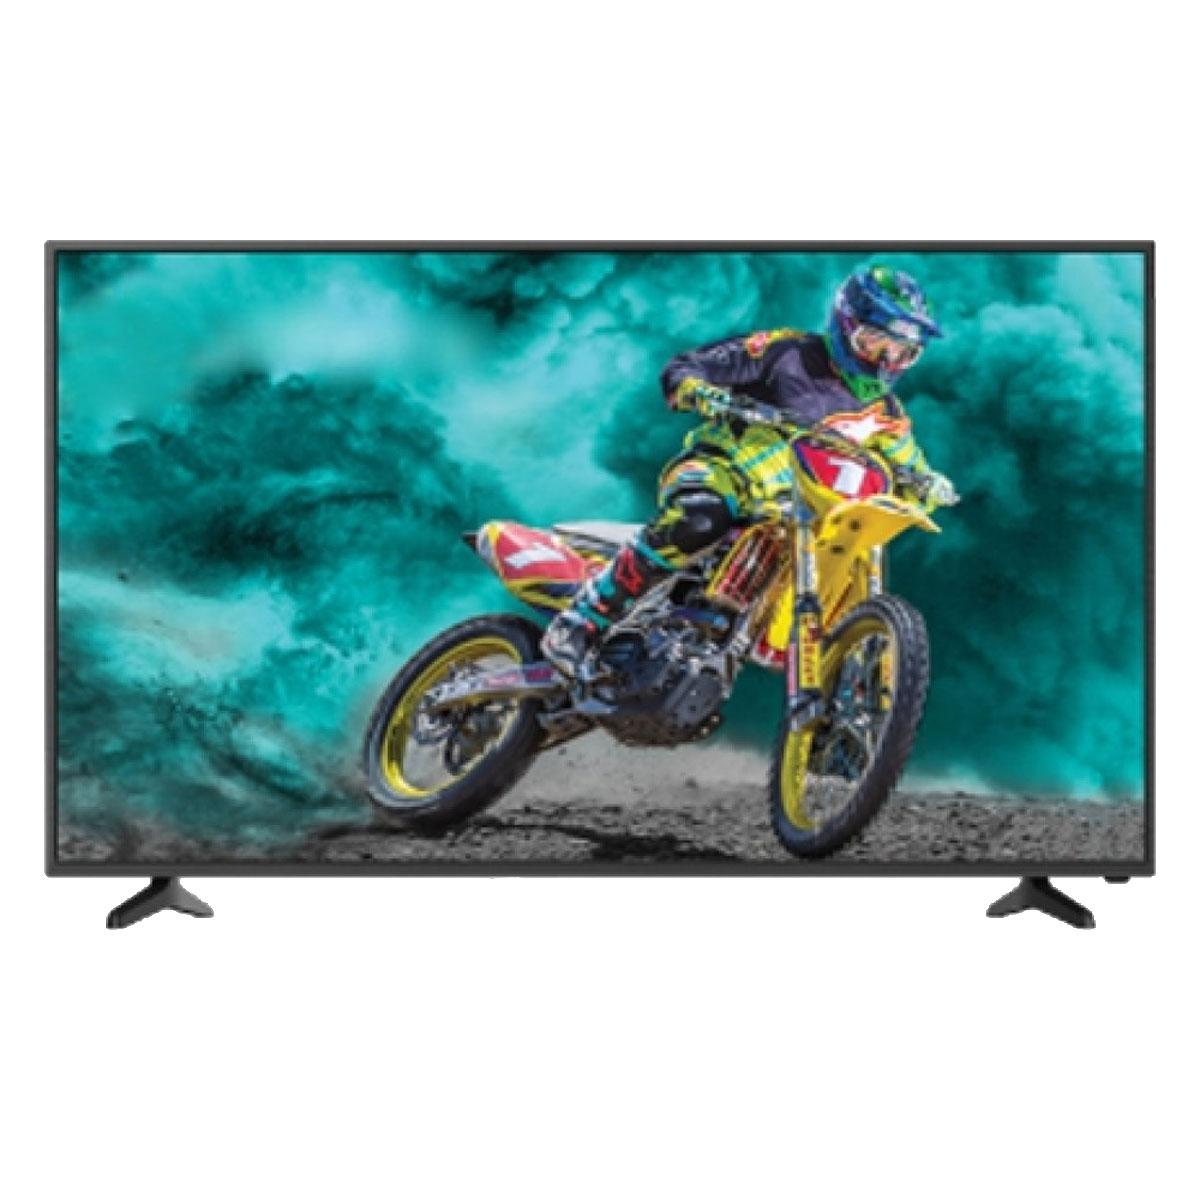 Changhong Ruba 49 Inch 4K UHD LED TV (UD49F6300L)